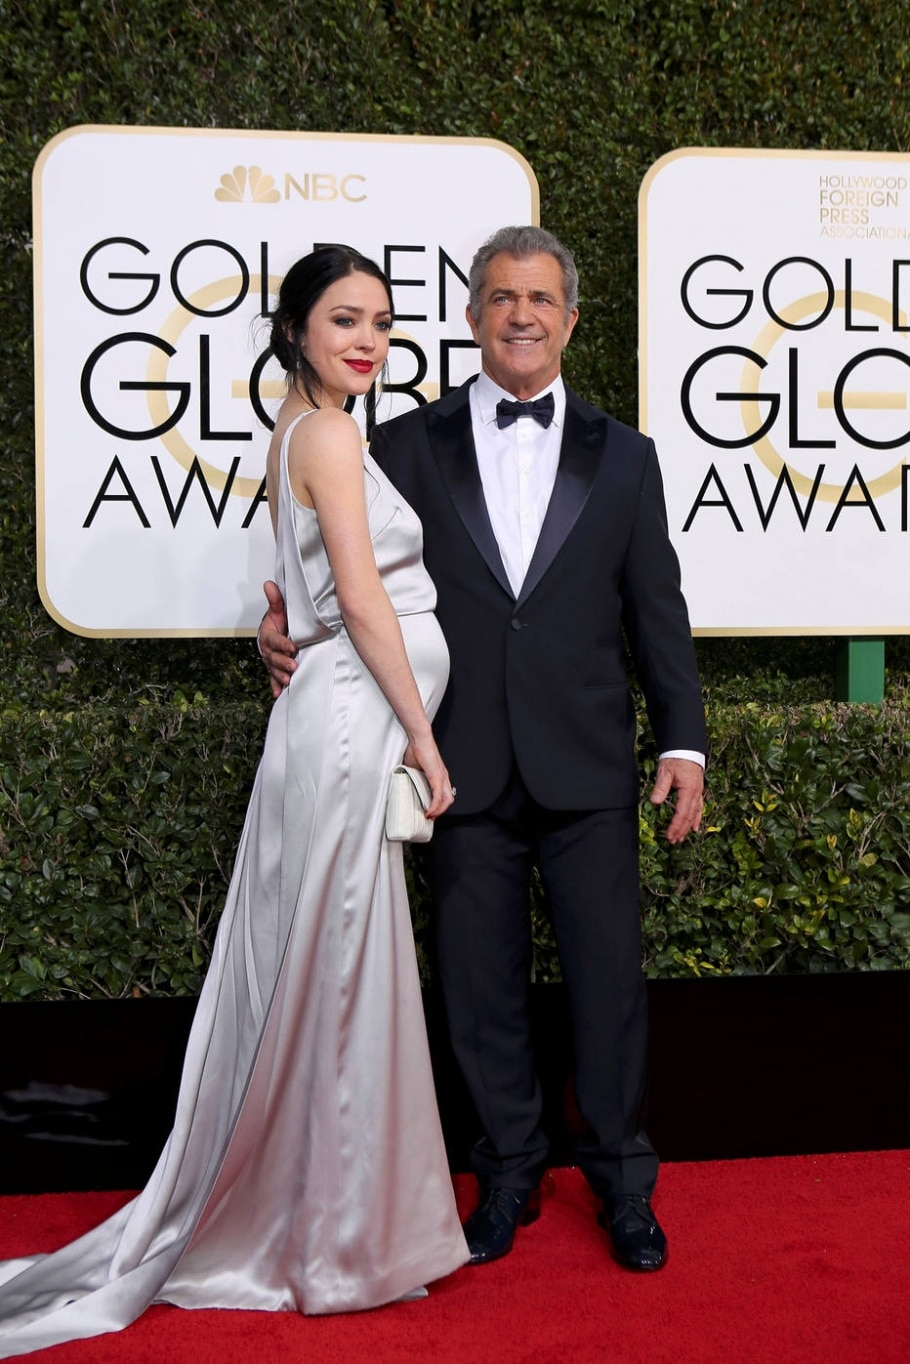 Mel Gibson - Mike Blake/Reuters